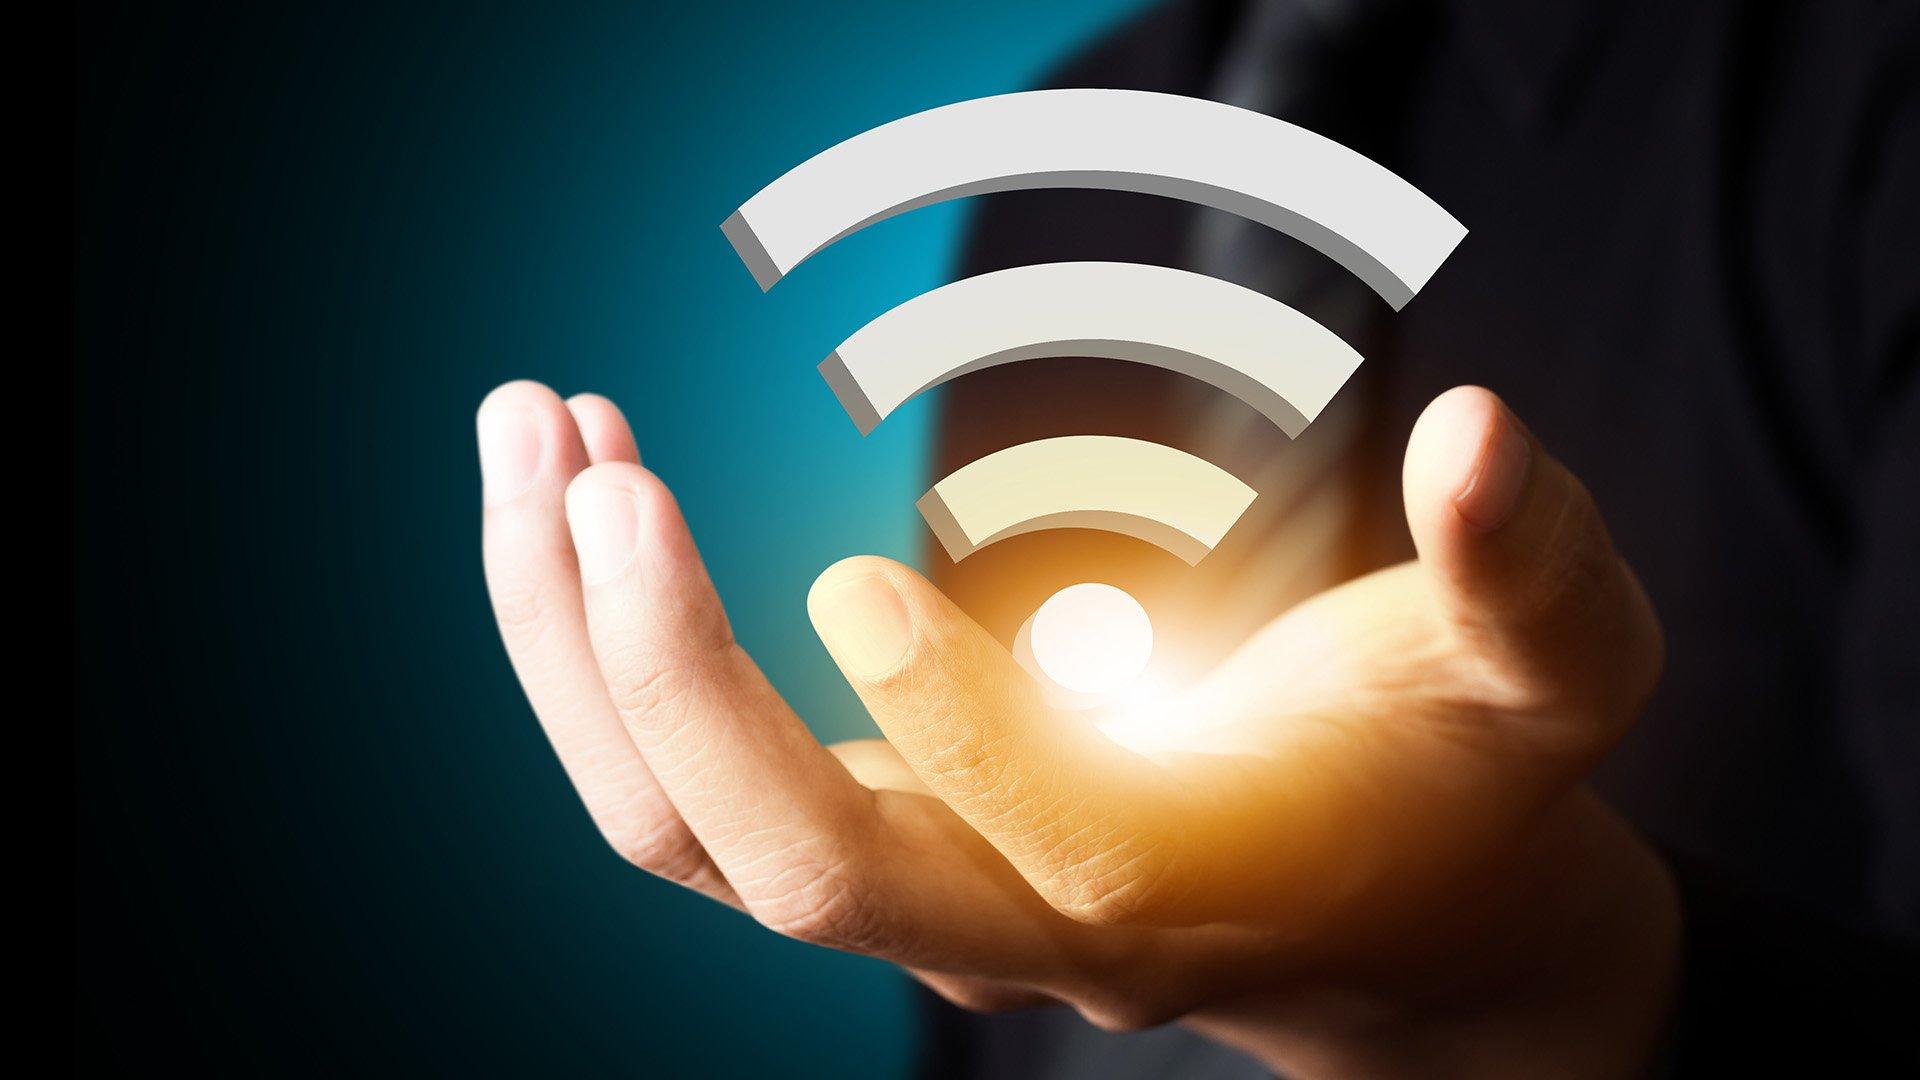 Имя инженера, который изобрел Wi-Fi: ученые или порно-звезда?